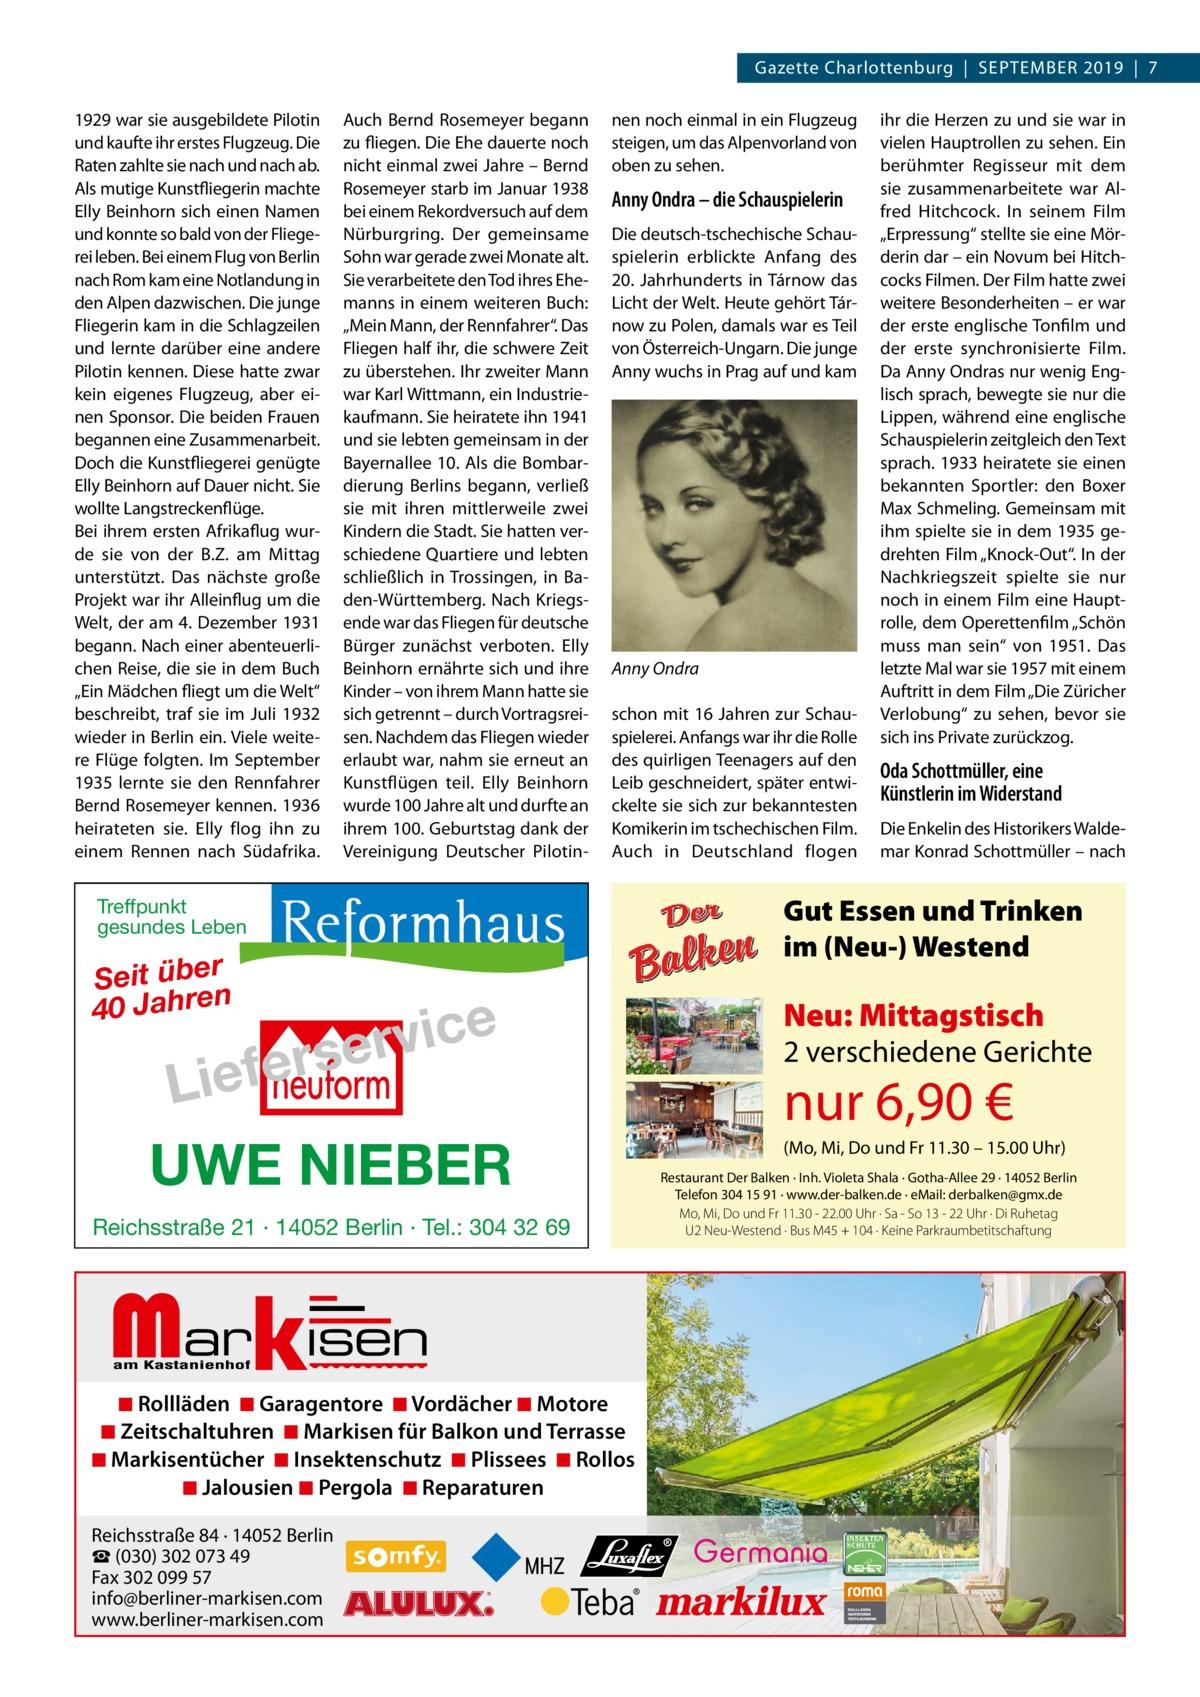 """Gazette Charlottenburg September 2019 7 1929 war sie ausgebildete Pilotin und kaufte ihr erstes Flugzeug. Die Raten zahlte sie nach und nach ab. Als mutige Kunstfliegerin machte Elly Beinhorn sich einen Namen und konnte so bald von der Fliegerei leben. Bei einem Flug von Berlin nach Rom kam eine Notlandung in den Alpen dazwischen. Die junge Fliegerin kam in die Schlagzeilen und lernte darüber eine andere Pilotin kennen. Diese hatte zwar kein eigenes Flugzeug, aber einen Sponsor. Die beiden Frauen begannen eine Zusammenarbeit. Doch die Kunstfliegerei genügte Elly Beinhorn auf Dauer nicht. Sie wollte Langstreckenflüge. Bei ihrem ersten Afrikaflug wurde sie von der B.Z. am Mittag unterstützt. Das nächste große Projekt war ihr Alleinflug um die Welt, der am 4.Dezember 1931 begann. Nach einer abenteuerlichen Reise, die sie in dem Buch """"Ein Mädchen fliegt um die Welt"""" beschreibt, traf sie im Juli 1932 wieder in Berlin ein. Viele weitere Flüge folgten. Im September 1935 lernte sie den Rennfahrer Bernd Rosemeyer kennen. 1936 heirateten sie. Elly flog ihn zu einem Rennen nach Südafrika.  Auch Bernd Rosemeyer begann zu fliegen. Die Ehe dauerte noch nicht einmal zwei Jahre – Bernd Rosemeyer starb im Januar 1938 bei einem Rekordversuch auf dem Nürburgring. Der gemeinsame Sohn war gerade zwei Monate alt. Sie verarbeitete den Tod ihres Ehemanns in einem weiteren Buch: """"Mein Mann, der Rennfahrer"""". Das Fliegen half ihr, die schwere Zeit zu überstehen. Ihr zweiter Mann war Karl Wittmann, ein Industriekaufmann. Sie heiratete ihn 1941 und sie lebten gemeinsam in der Bayernallee10. Als die Bombardierung Berlins begann, verließ sie mit ihren mittlerweile zwei Kindern die Stadt. Sie hatten verschiedene Quartiere und lebten schließlich in Trossingen, in Baden-Württemberg. Nach Kriegsende war das Fliegen für deutsche Bürger zunächst verboten. Elly Beinhorn ernährte sich und ihre Kinder – von ihrem Mann hatte sie sich getrennt – durch Vortragsreisen. Nachdem das Fliegen wieder erlaubt war, """